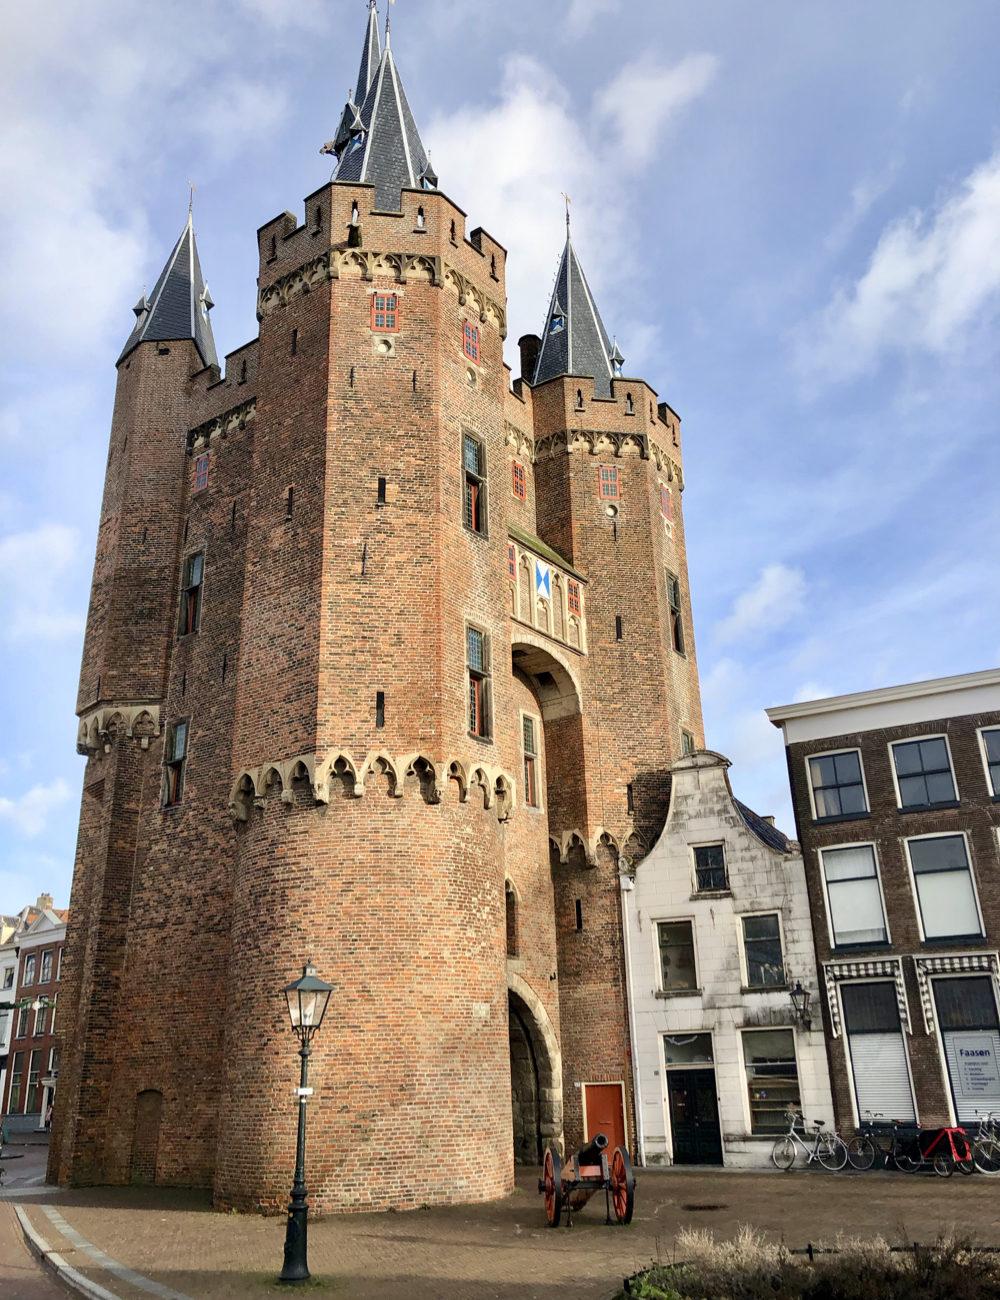 Historische stadspoort met vier torens